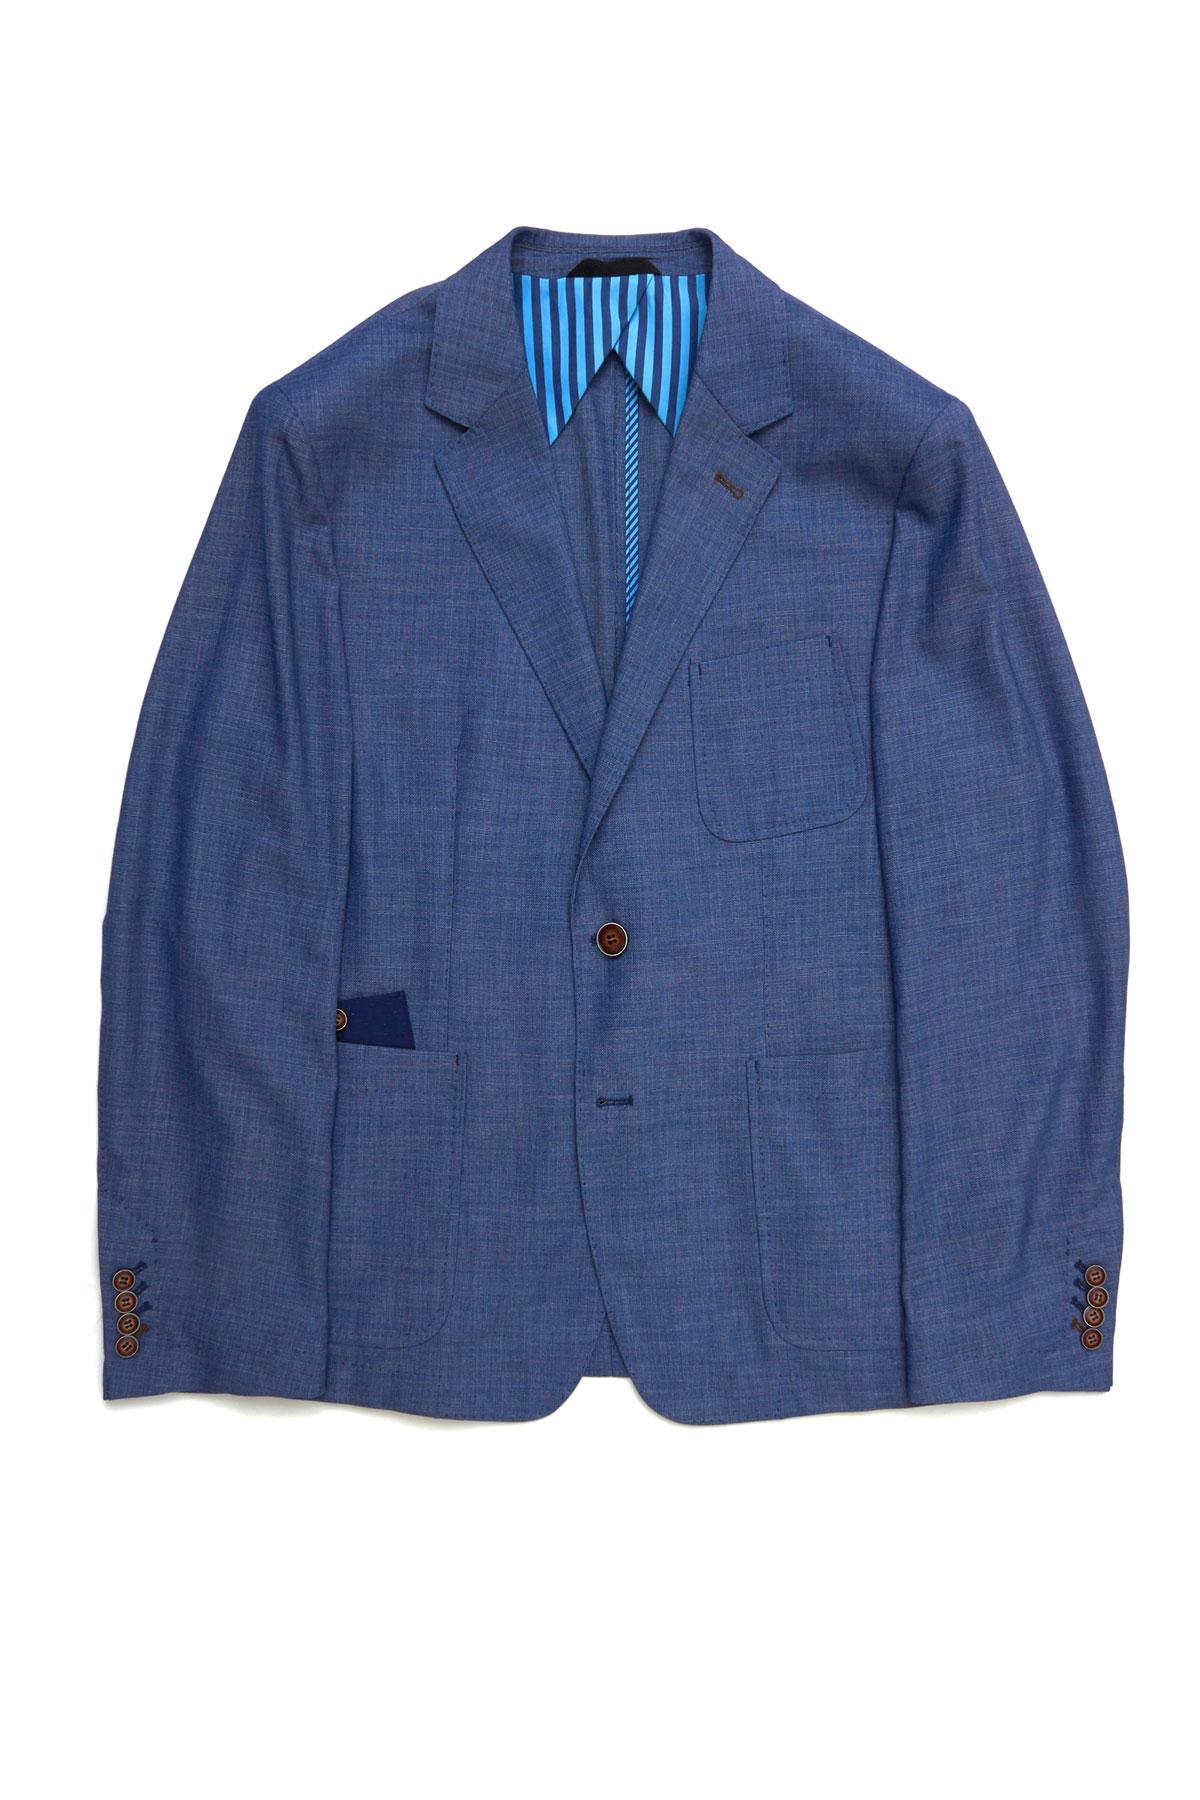 Пиджак синего цвета Vaismann 1921-17